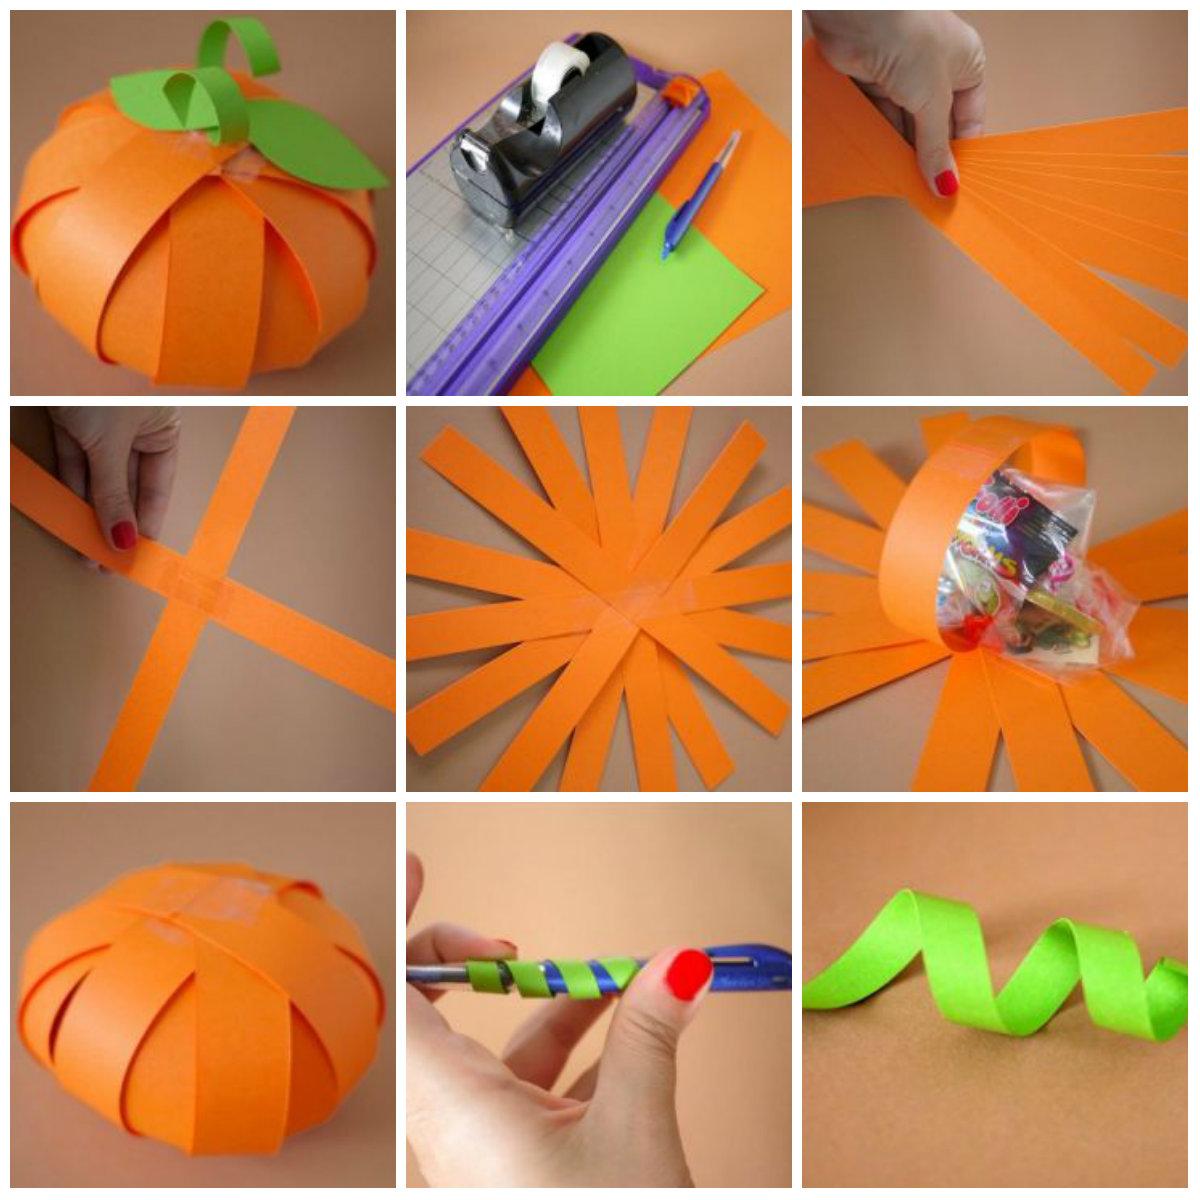 Пошаговая инструкция создания тыквы на Хэллоуин с помощью бумаги